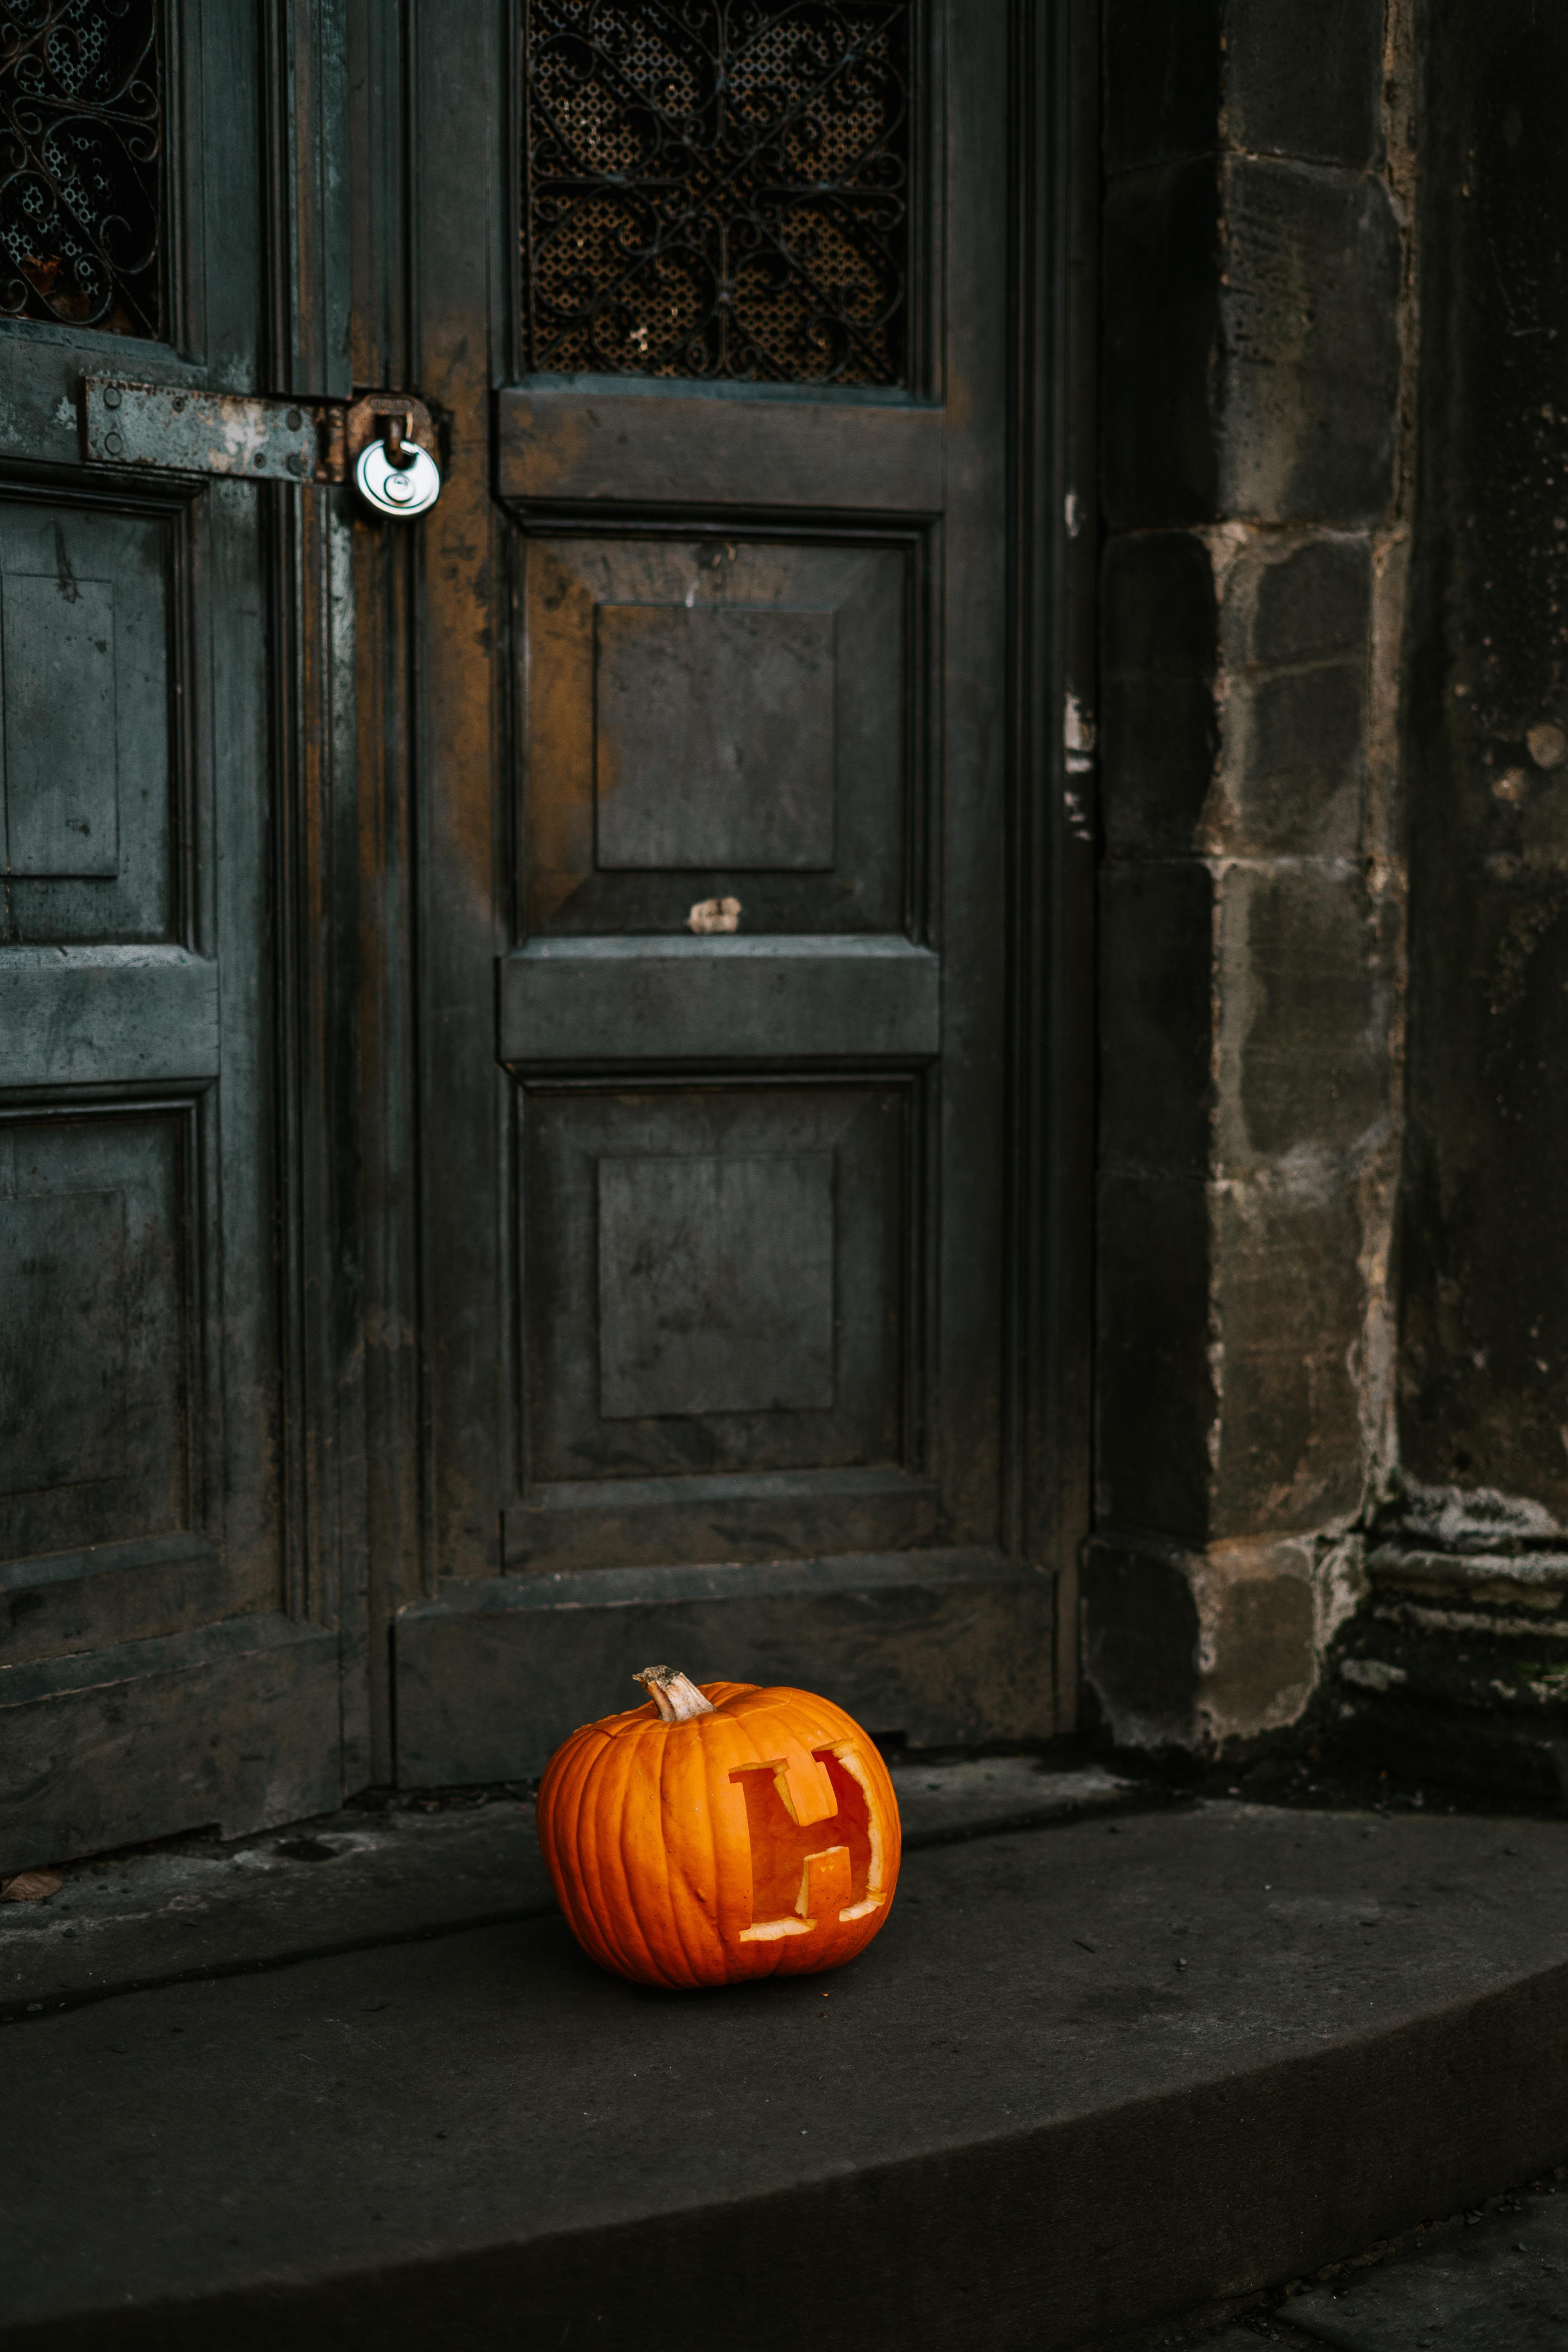 orange-pumpkin-near-black-wooden-door